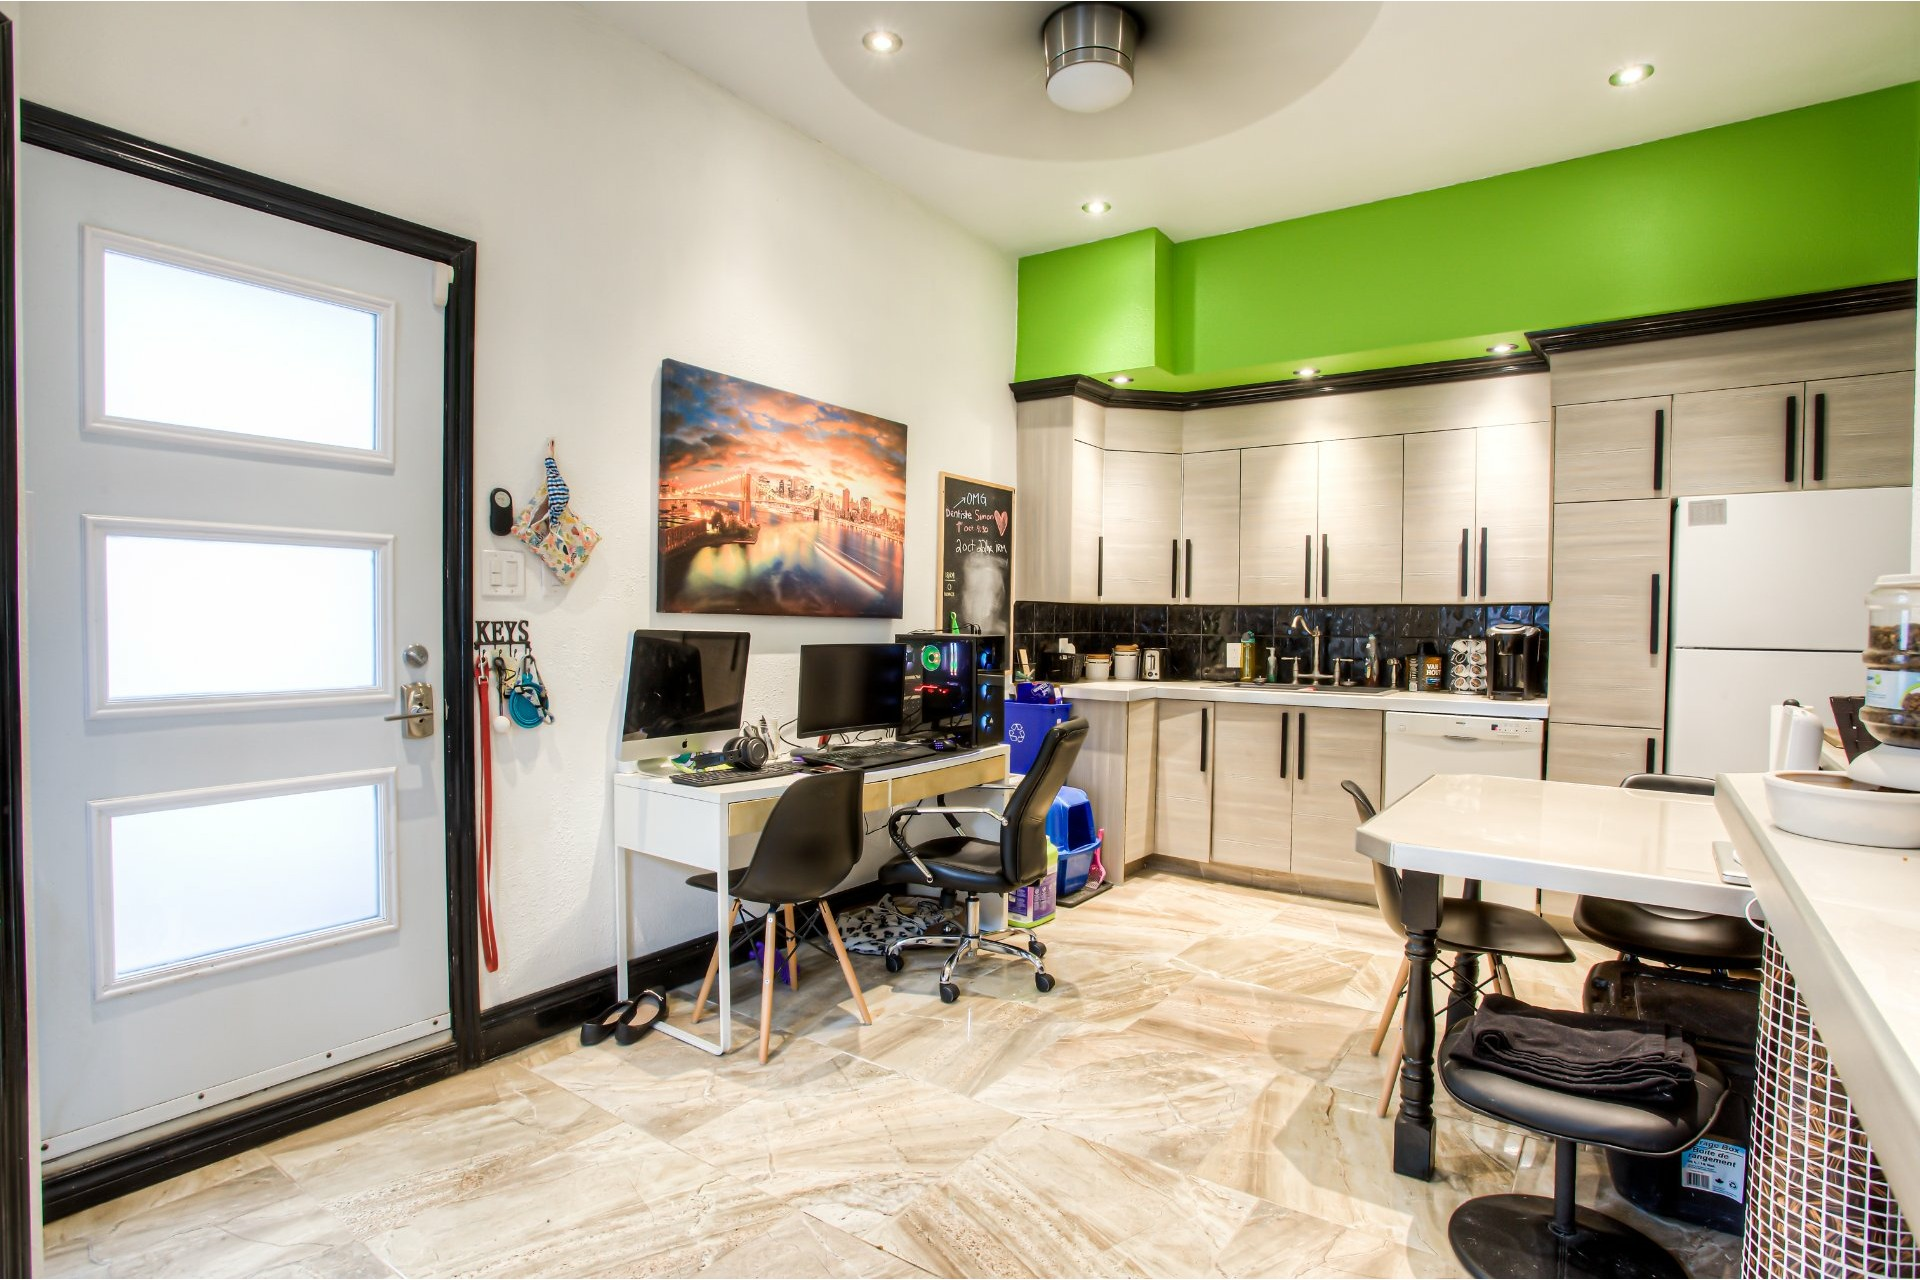 image 13 - Duplex À vendre Lachine Montréal  - 3 pièces